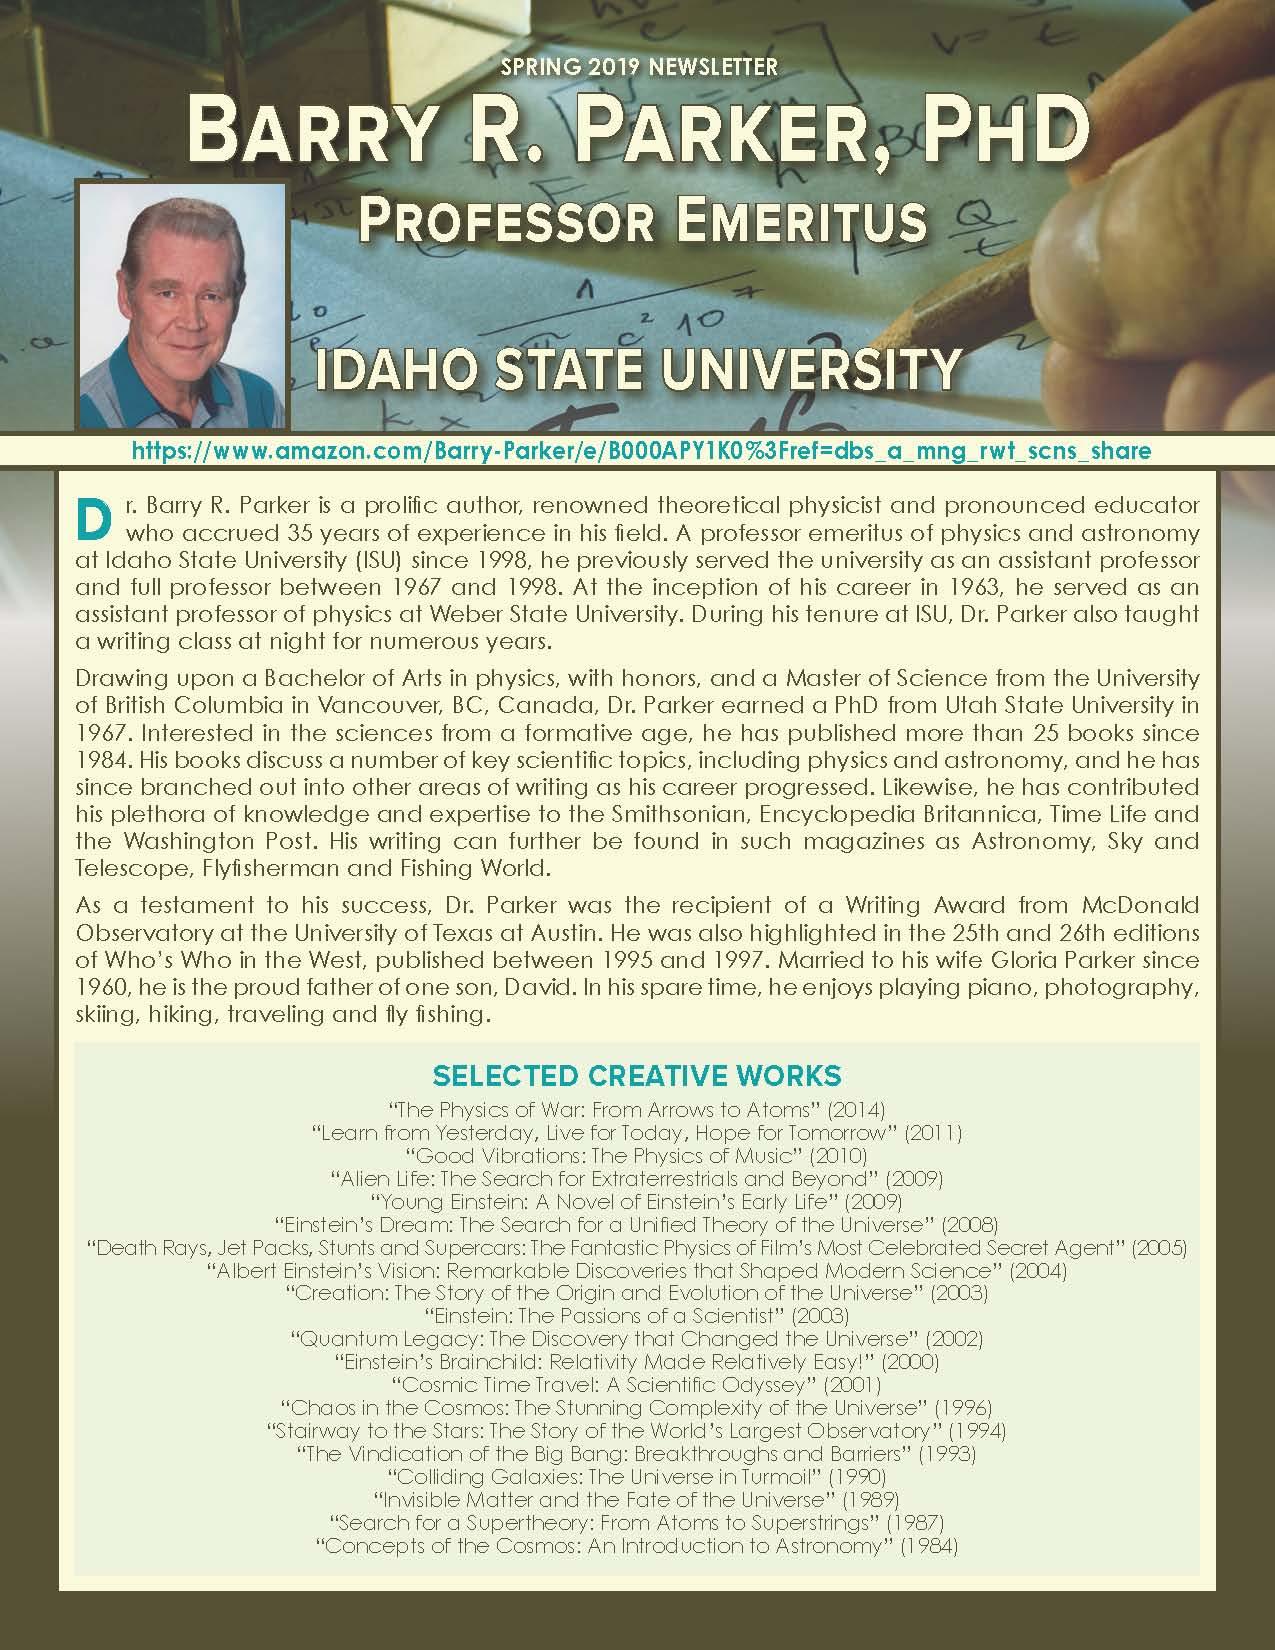 Parker, Barry 4310459_24459555 Newsletter.jpg